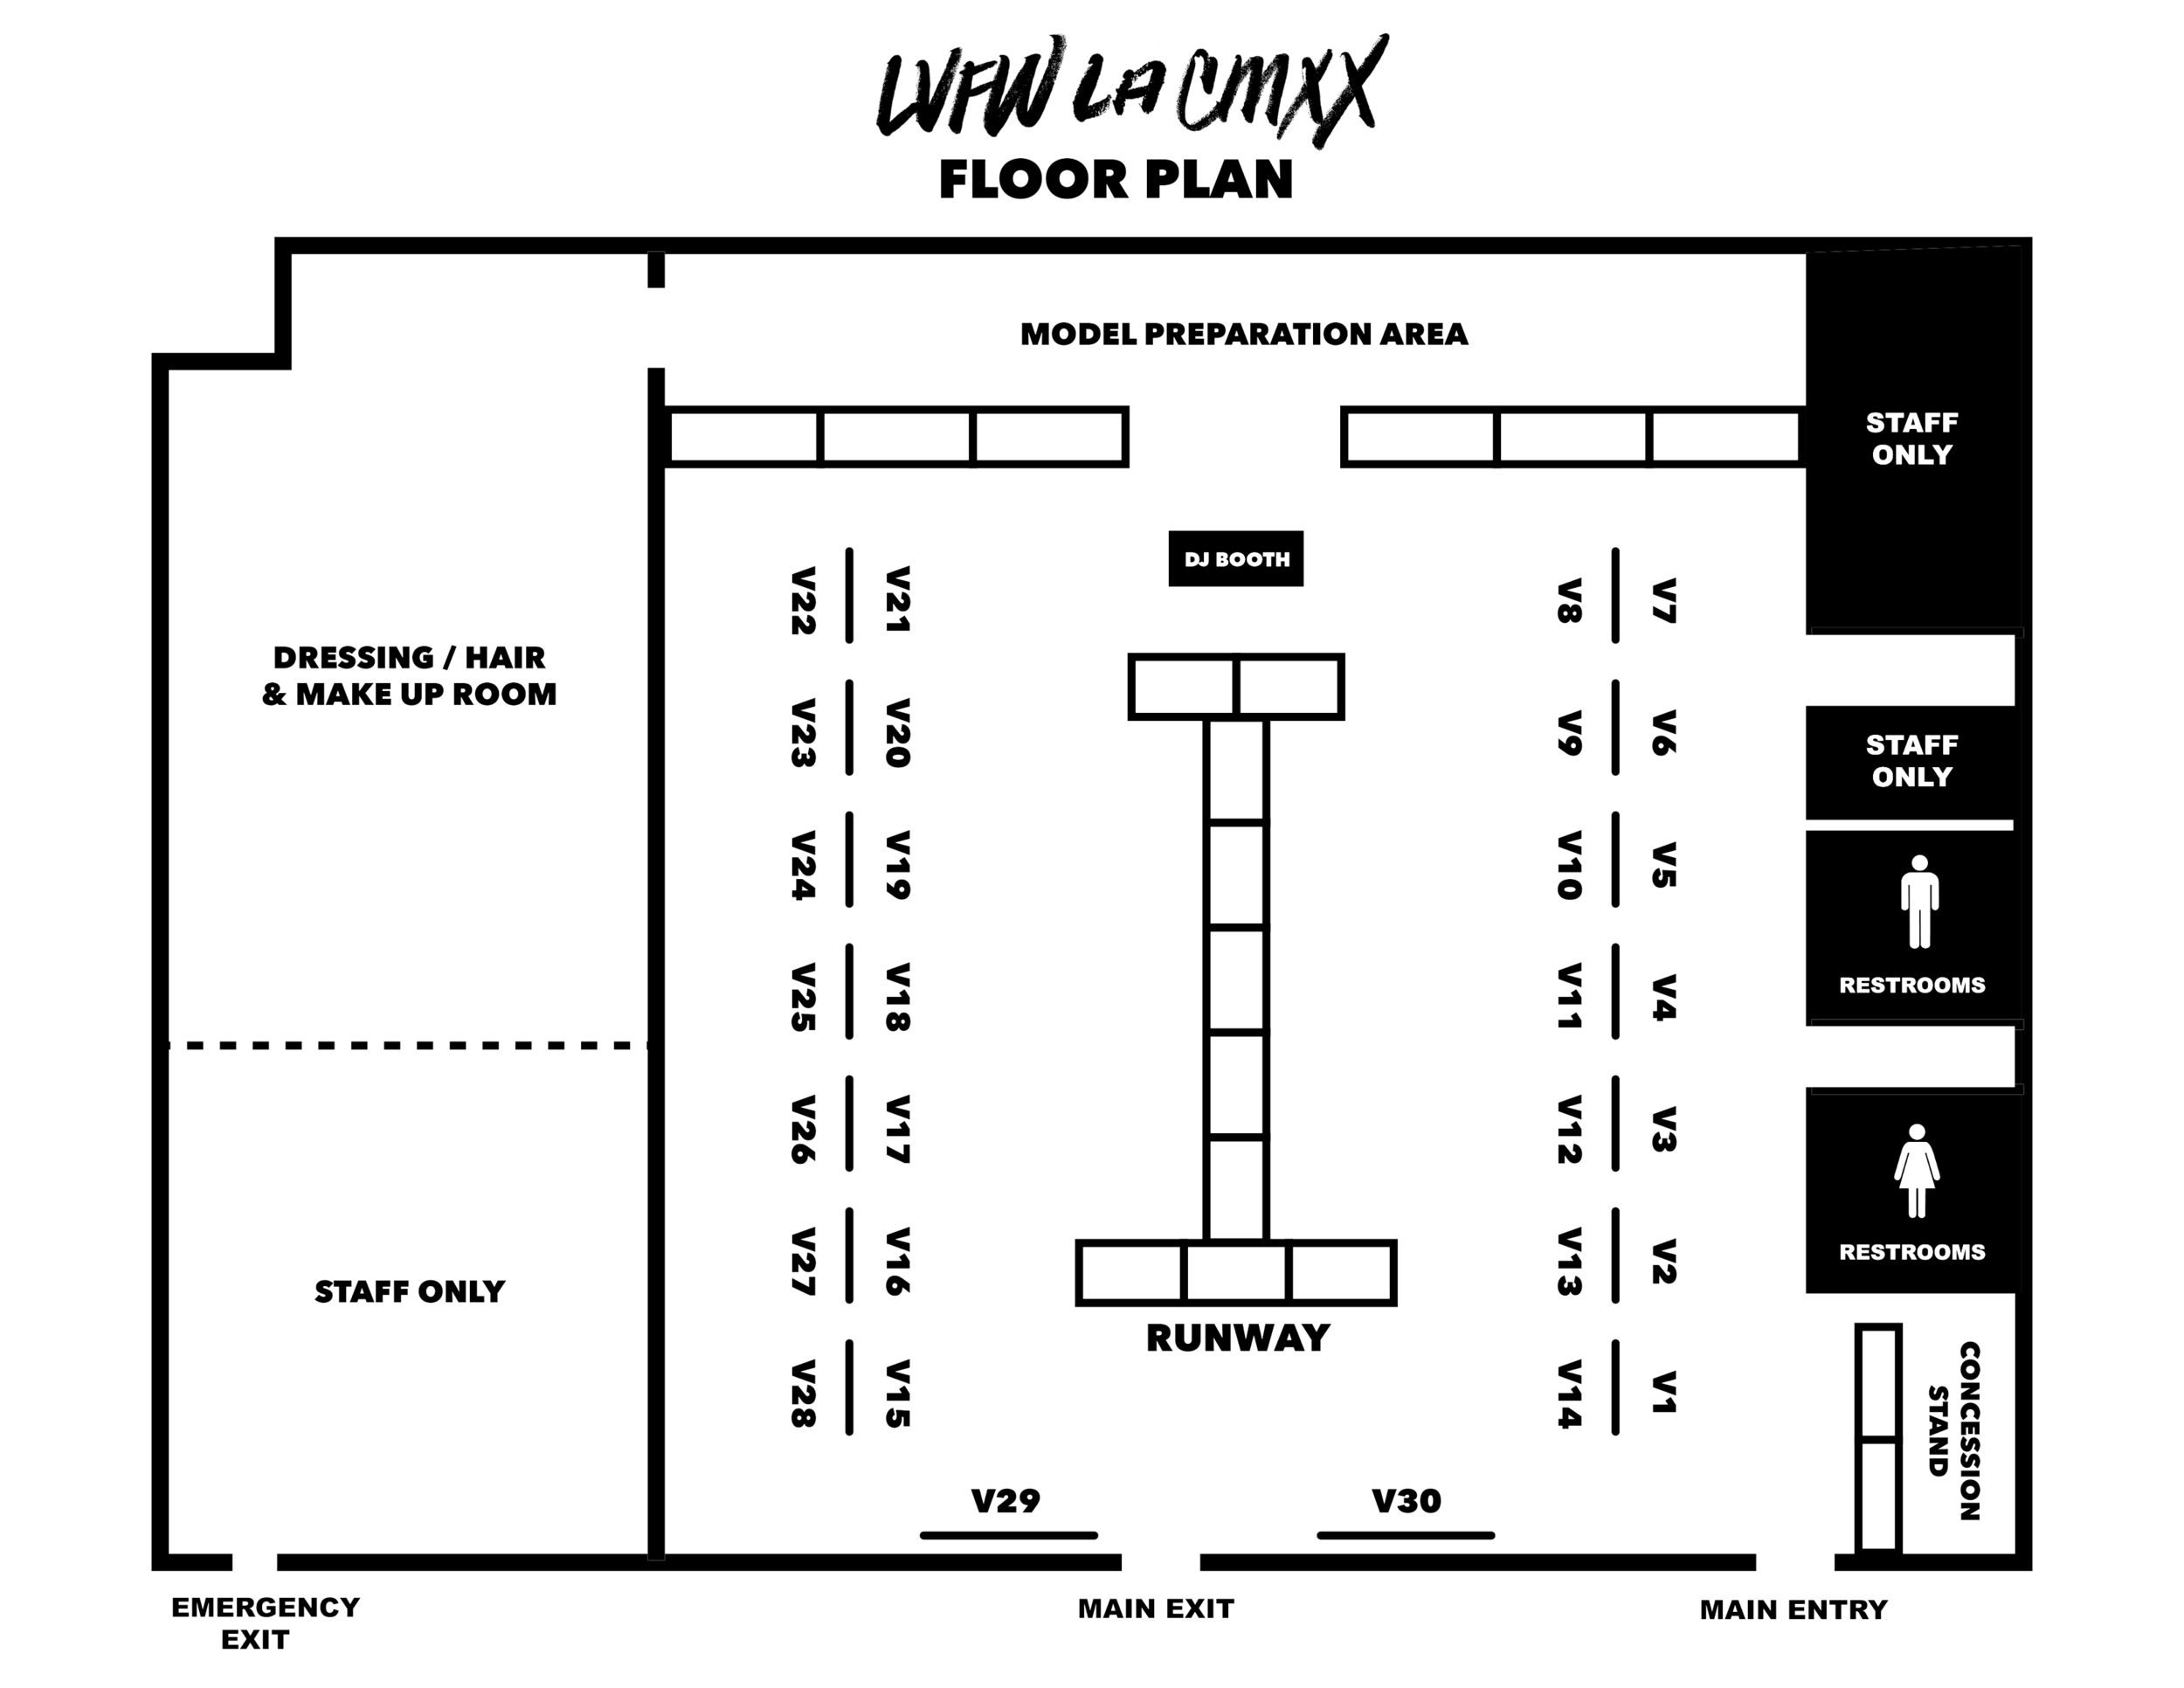 LVFWLACMXX_MAIN_PLAN.png